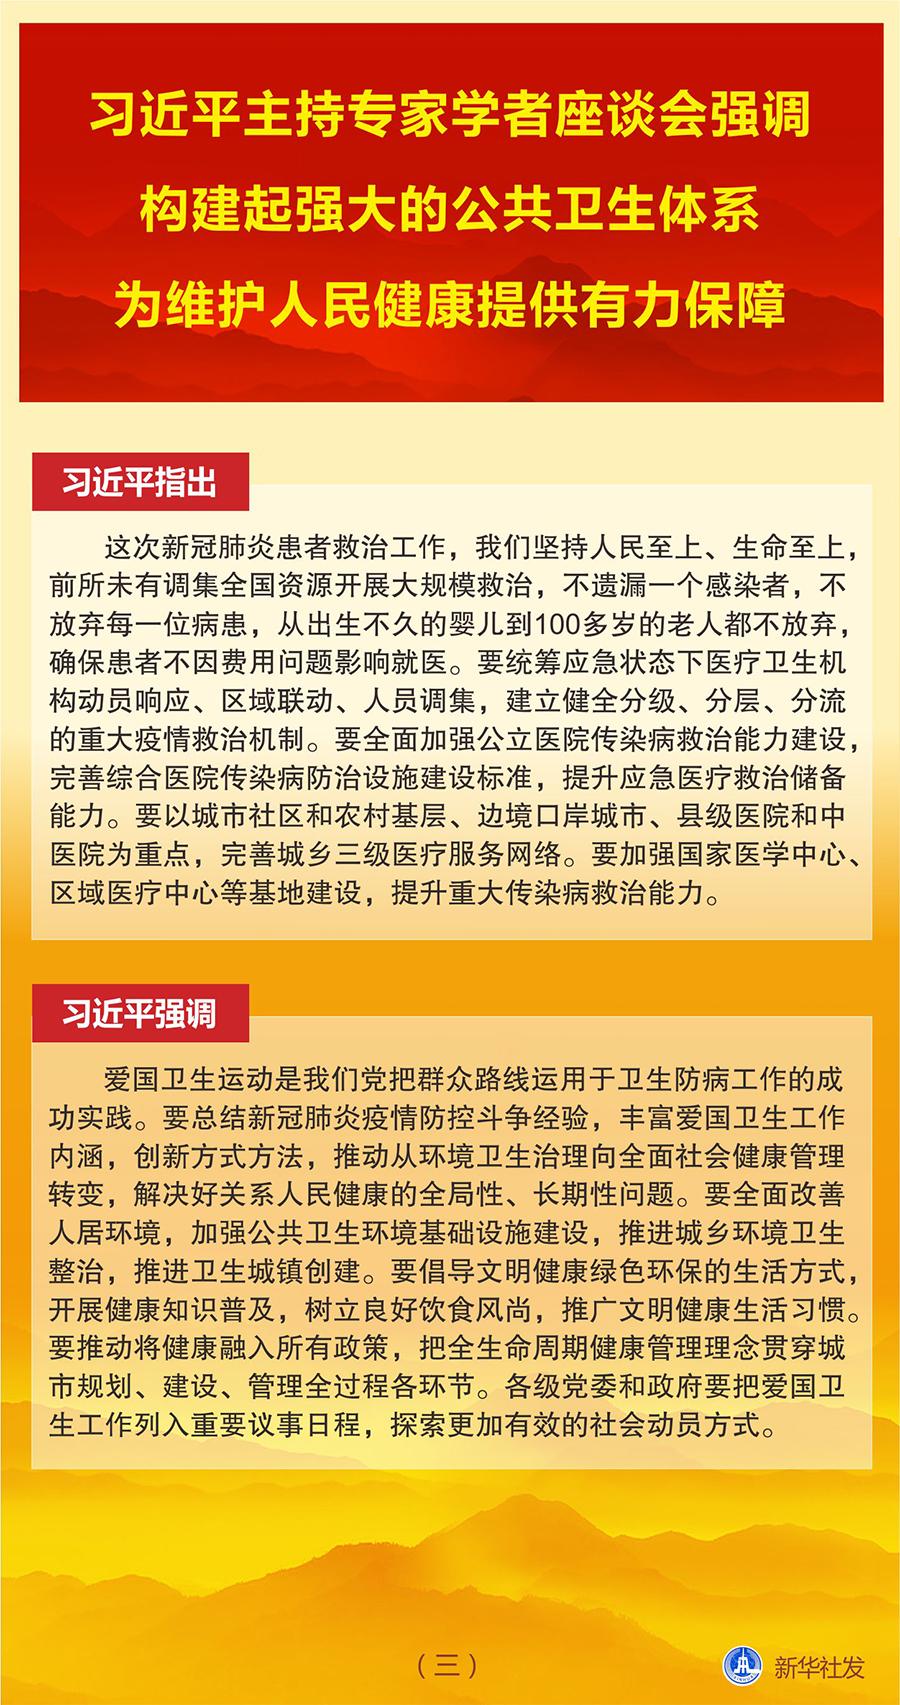 图表:习近平主持专家学者座谈会强调 构建起强大的公共卫生体系 为维护人民健康提供有力保障(三) 新华社发